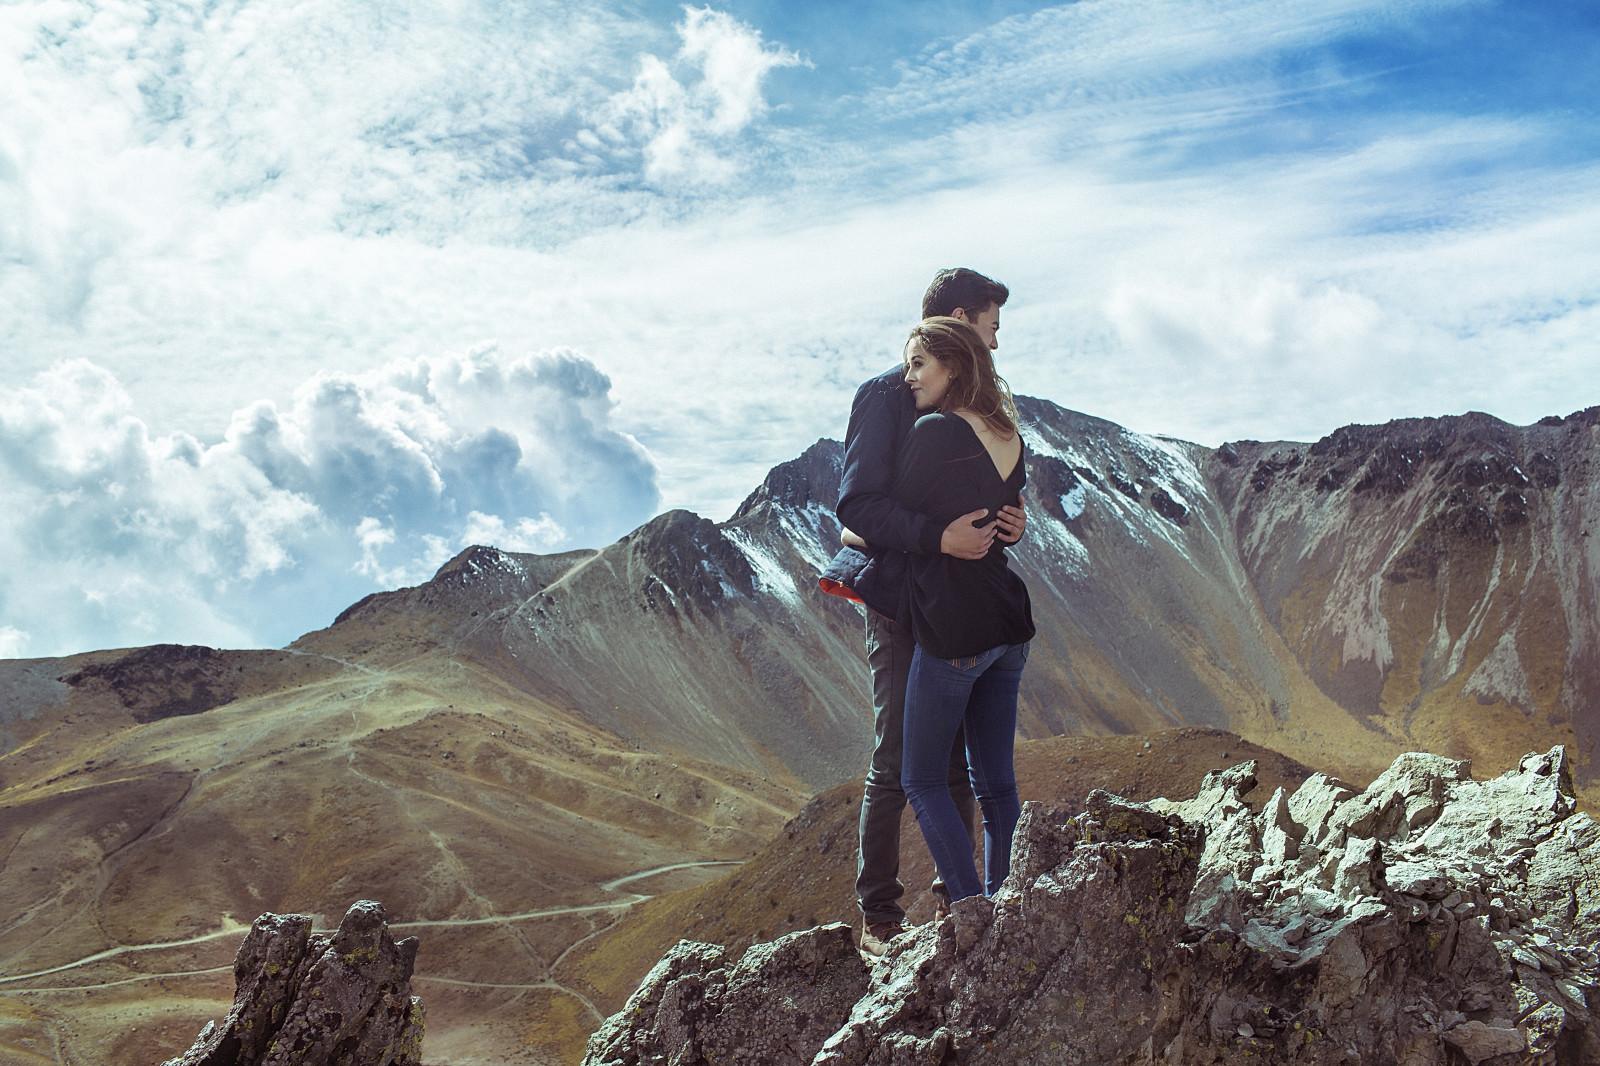 Tapet Landskab, Kvinder, Model, Rock, Natur, Kærlighed, Himmel, Skyer, Jorden, Klippe-6862